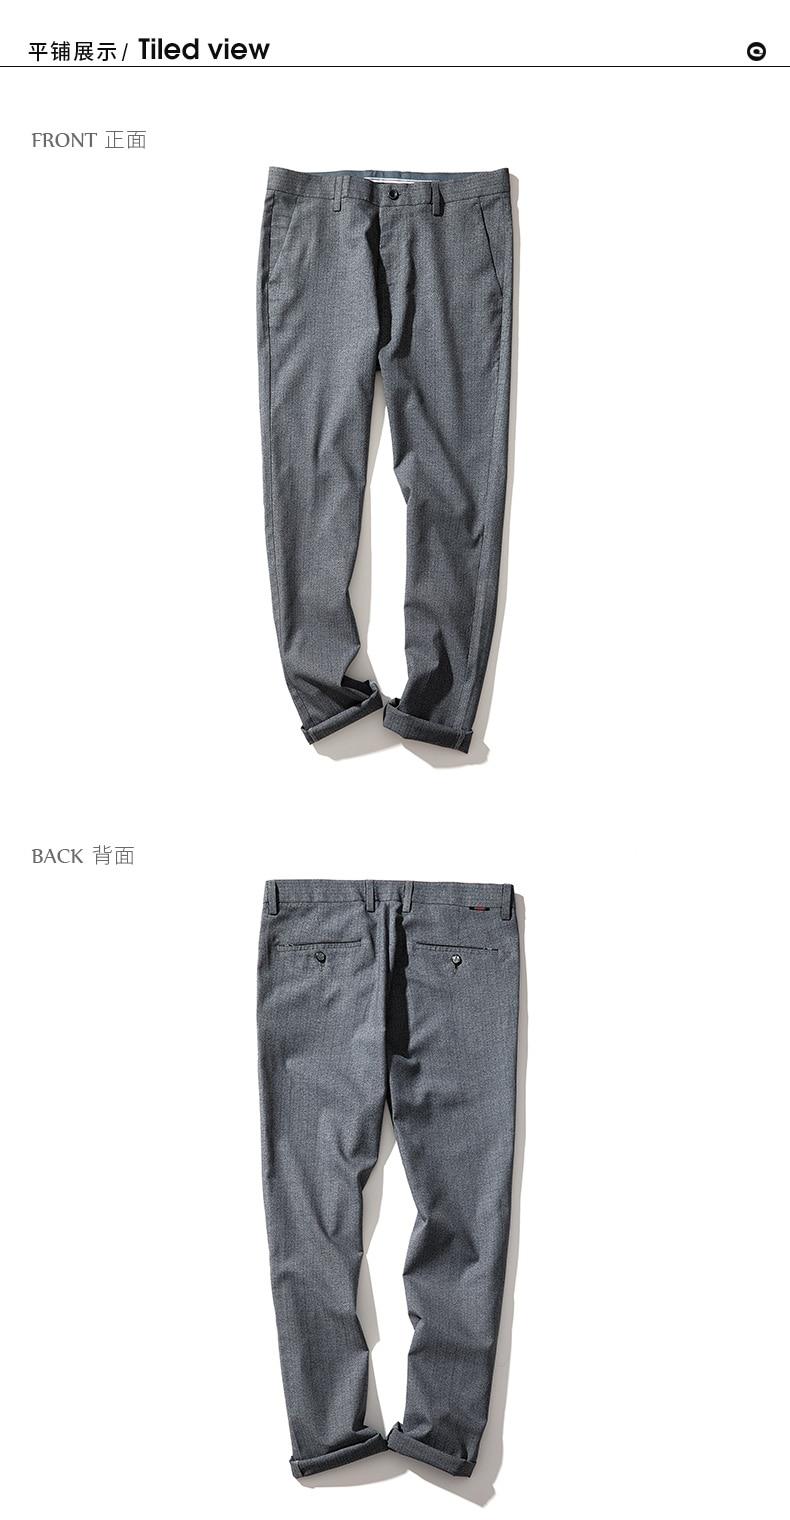 QZHIHE Men's Cotton Straight Slim Suit Pants Adult Male Mid Waist Elastic Trousers Office Wear Ankle-length Pants 70128 18